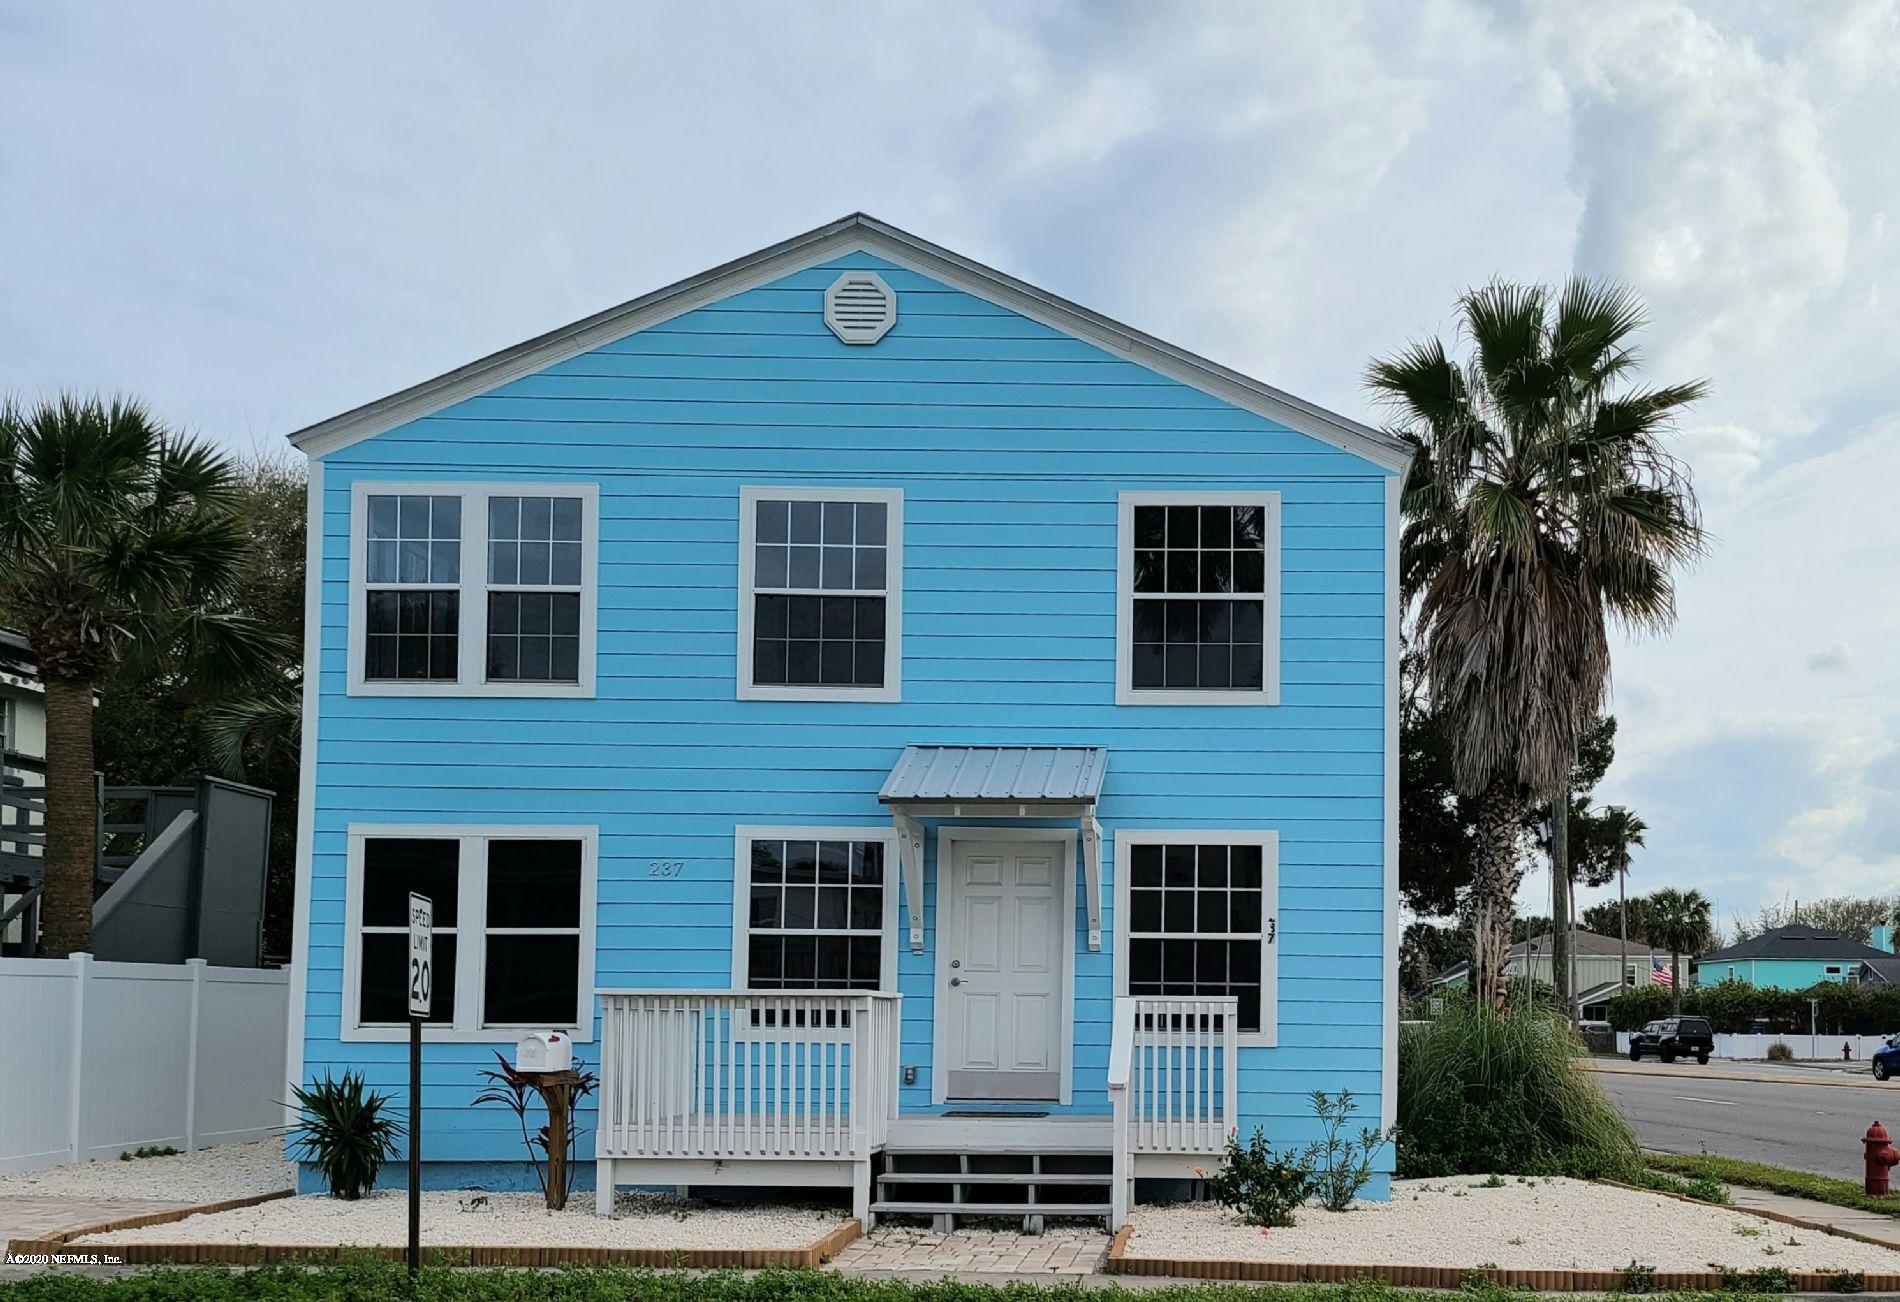 237 OLEANDER, NEPTUNE BEACH, FLORIDA 32266, 3 Bedrooms Bedrooms, ,2 BathroomsBathrooms,Residential,For sale,OLEANDER,1043351